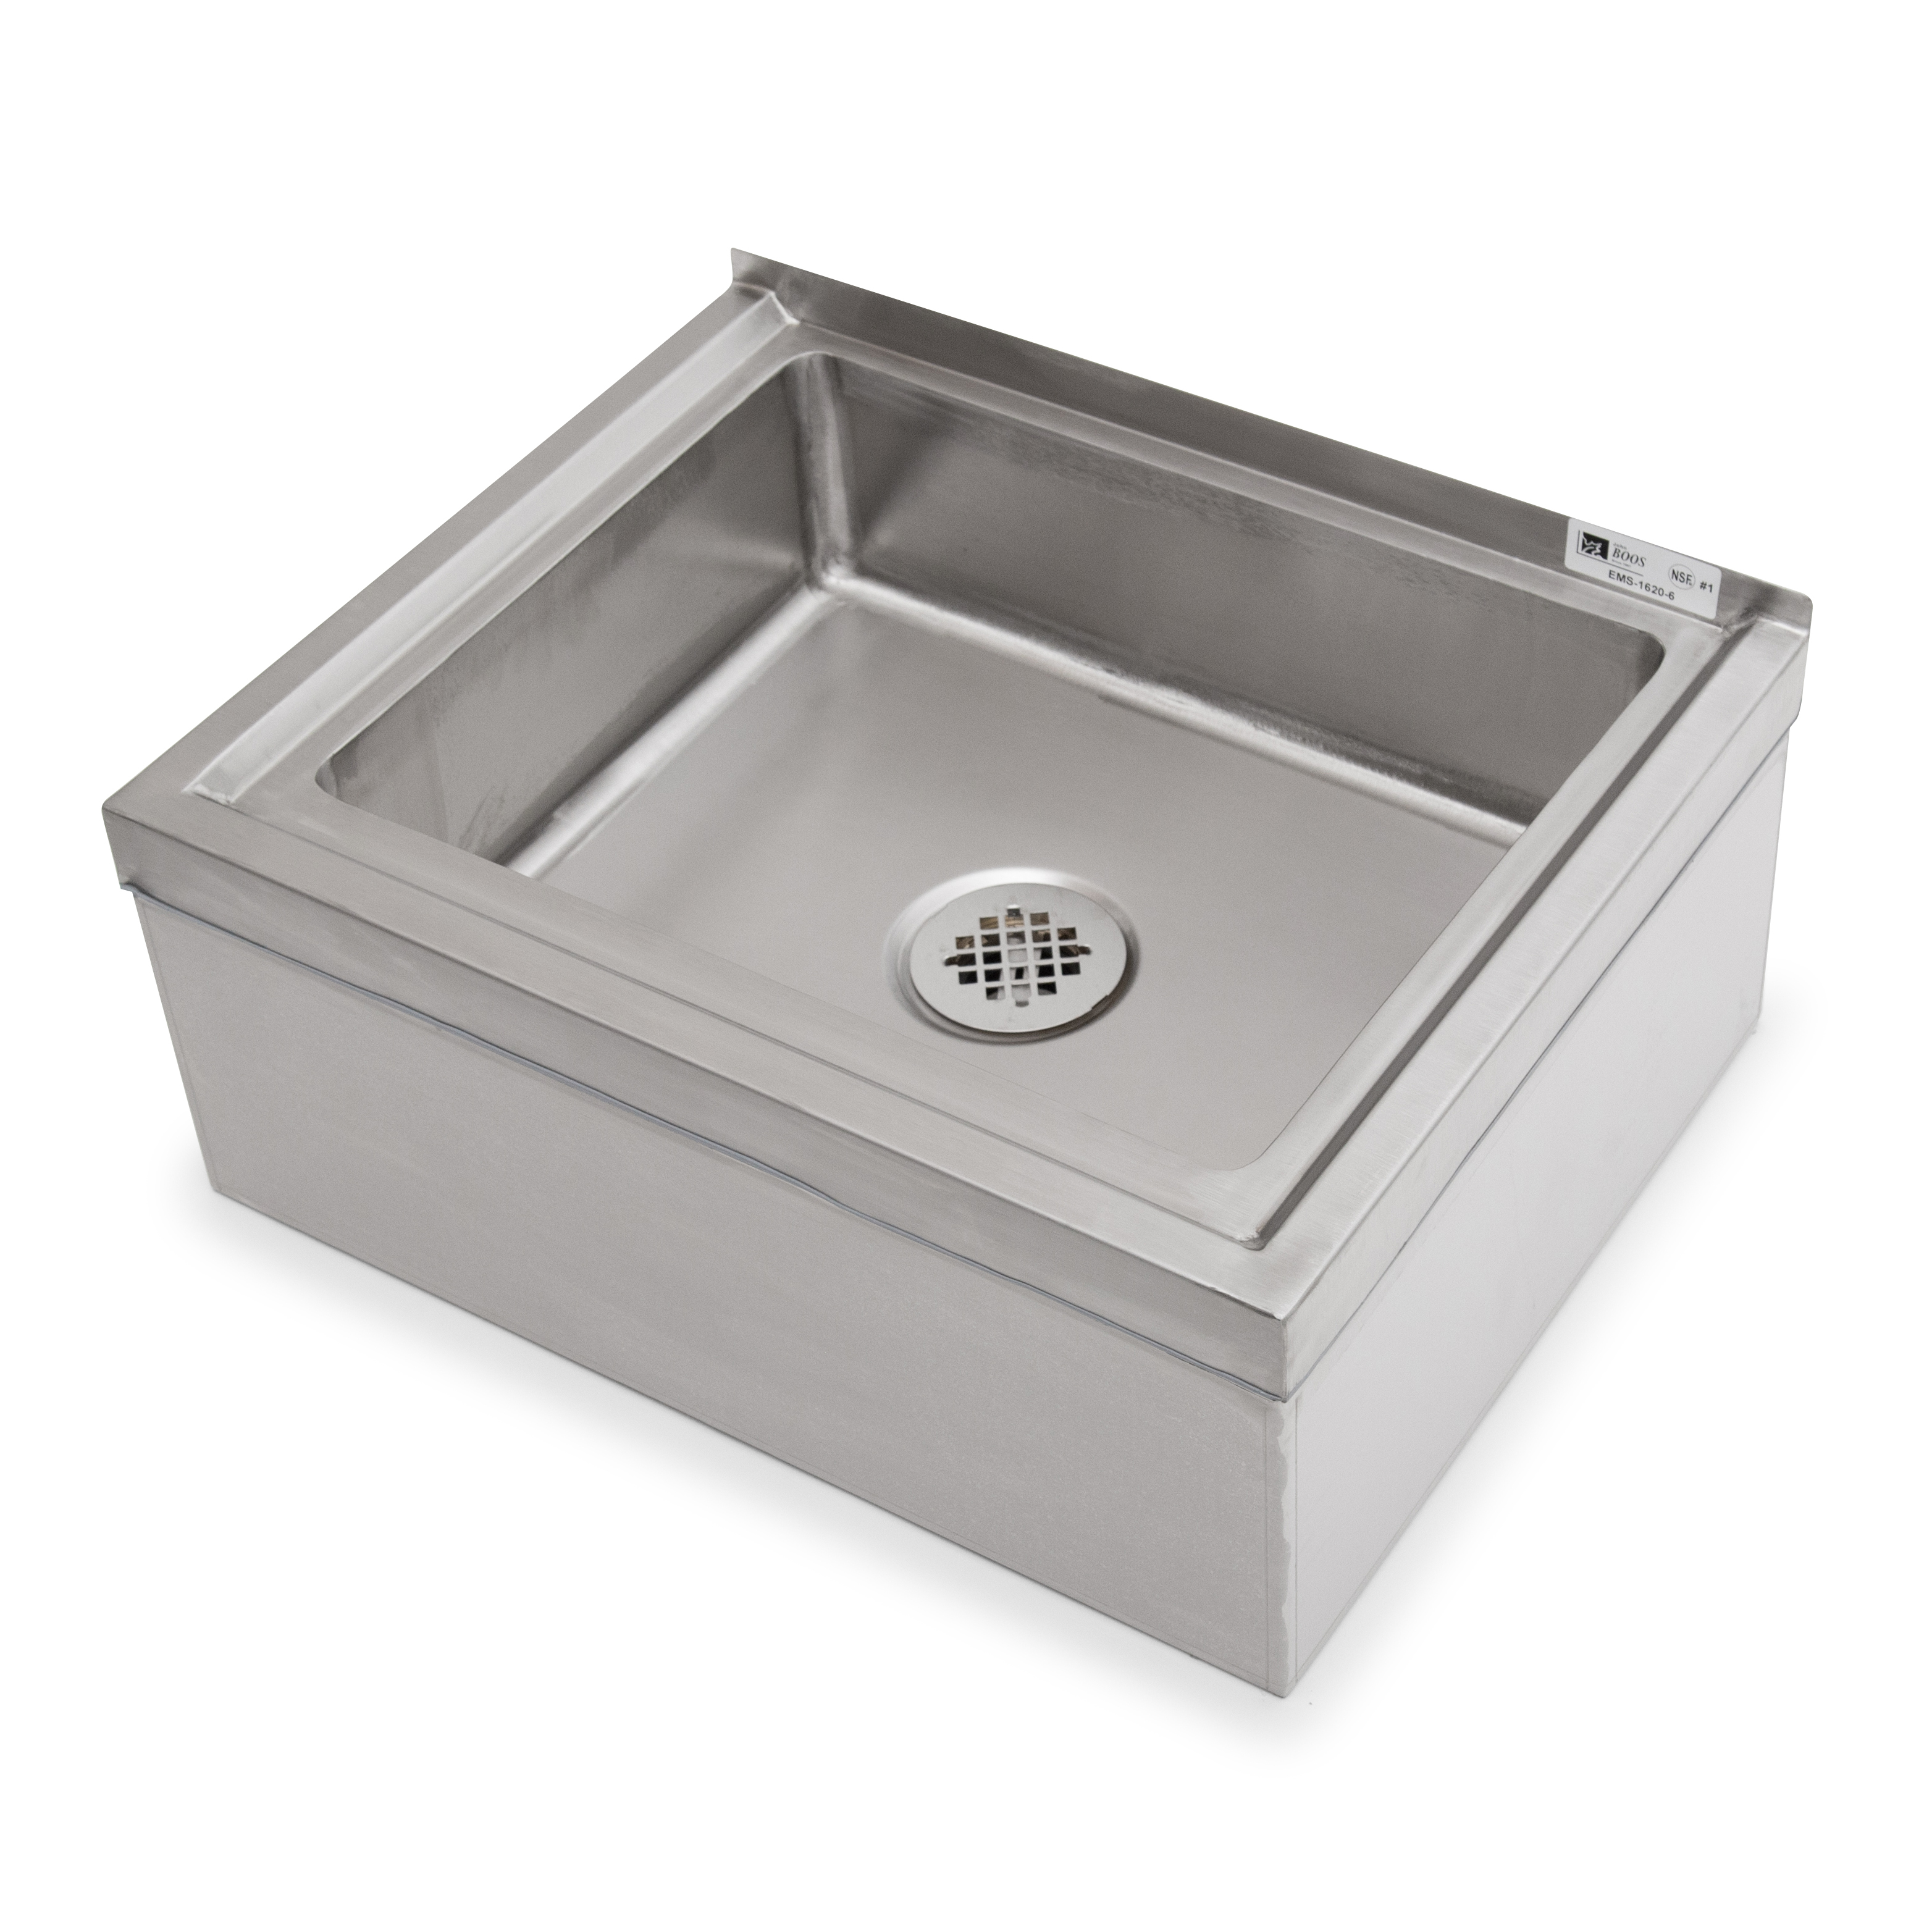 John Boos PBMS2820-6 mop sink